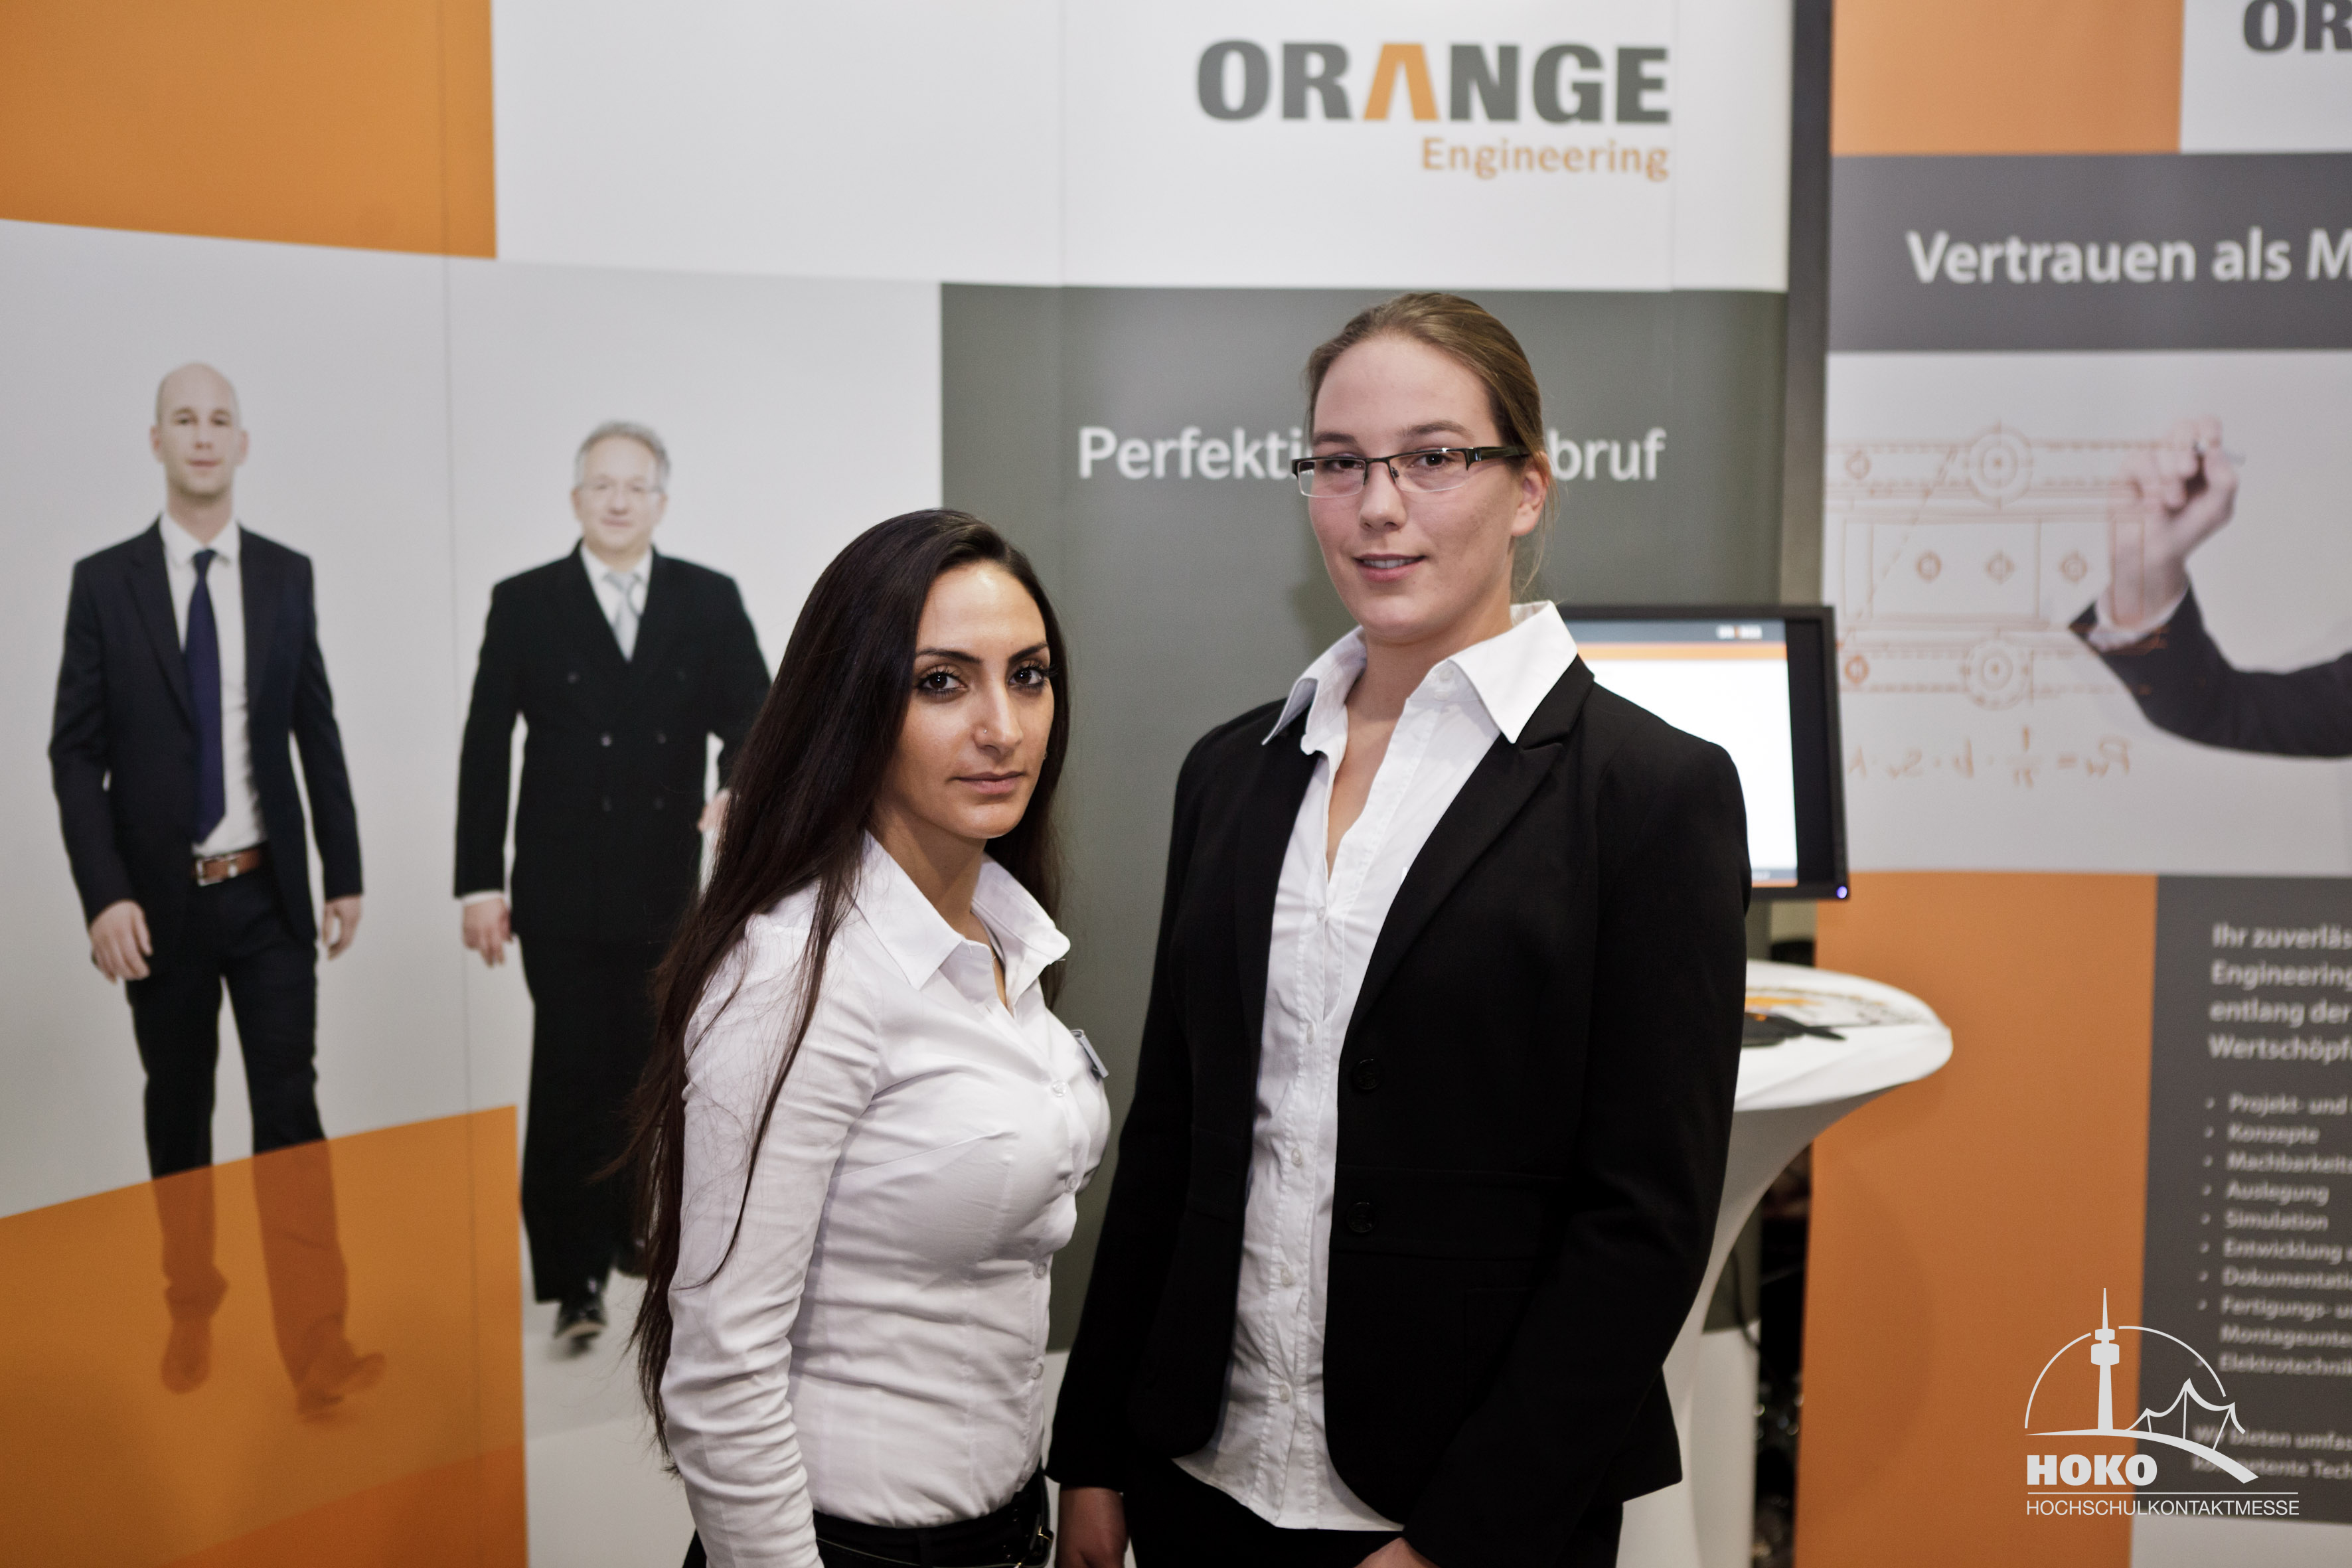 ORANGE Engineering auf der Hochschulkontaktmesse München ...  ORANGE Engineer...